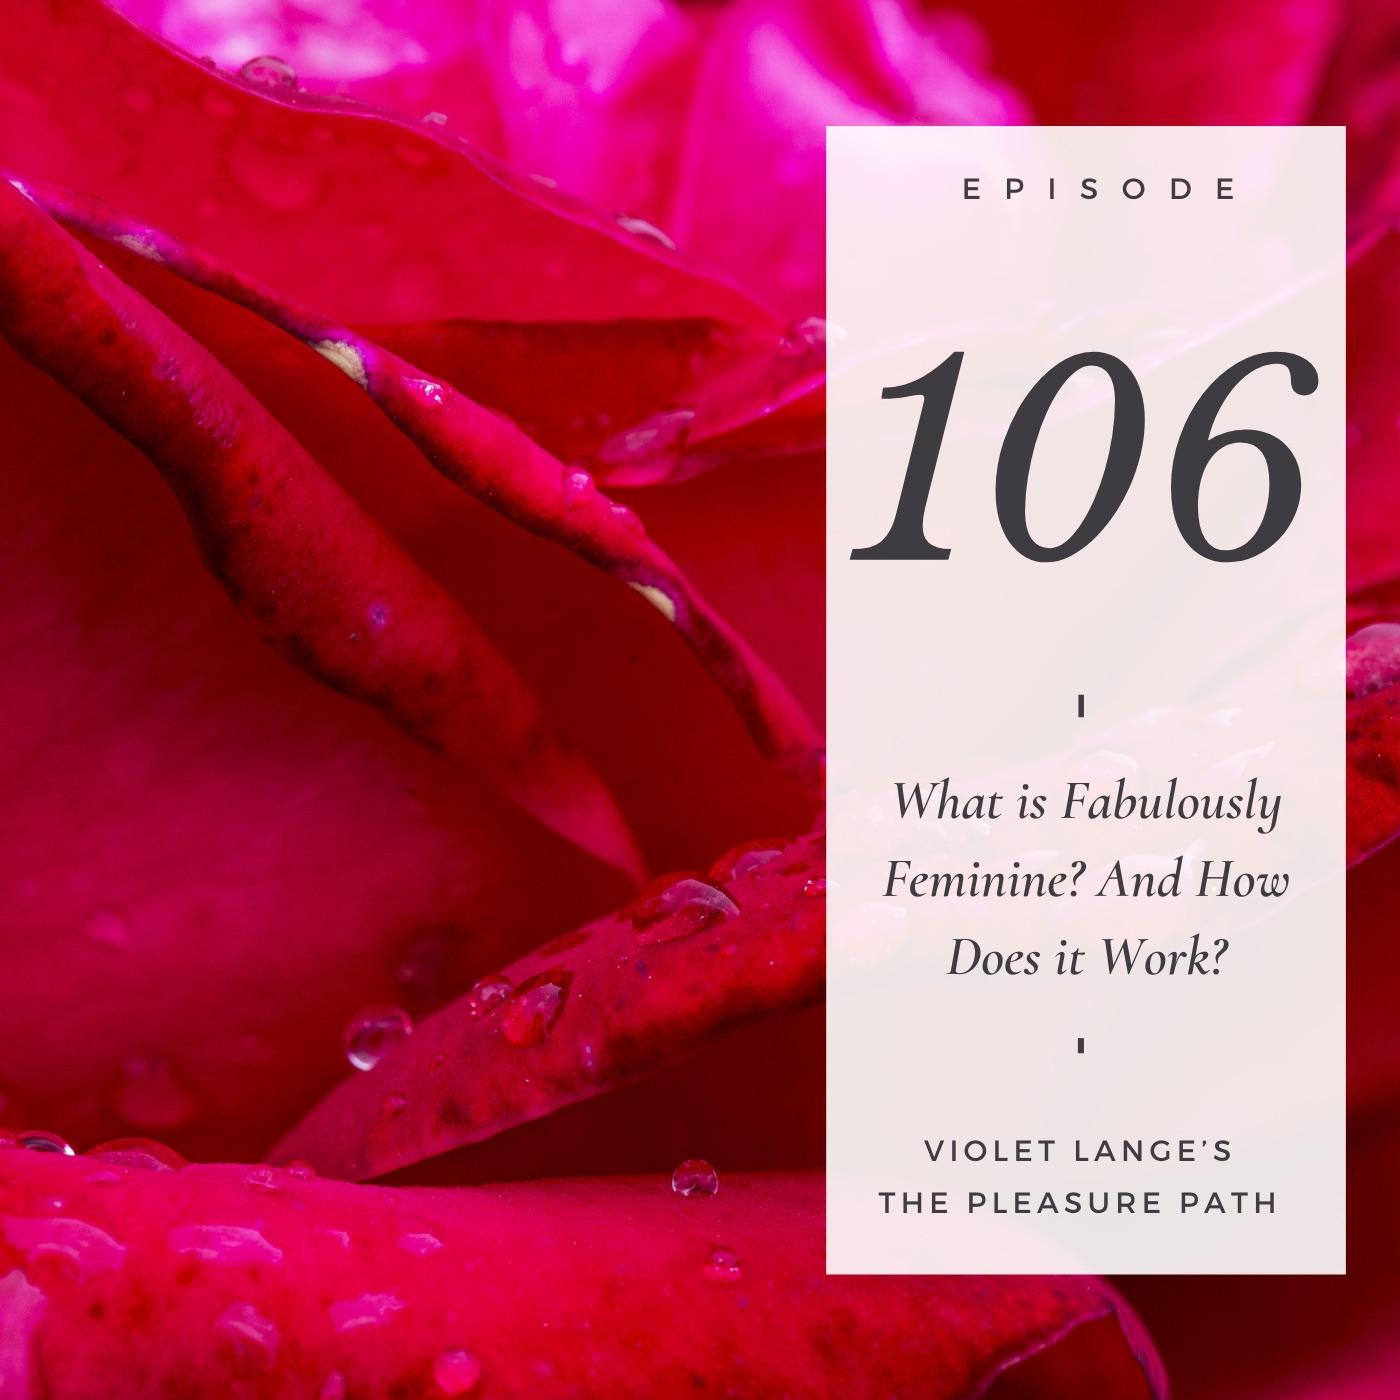 Violet Lange's Pleasure Path